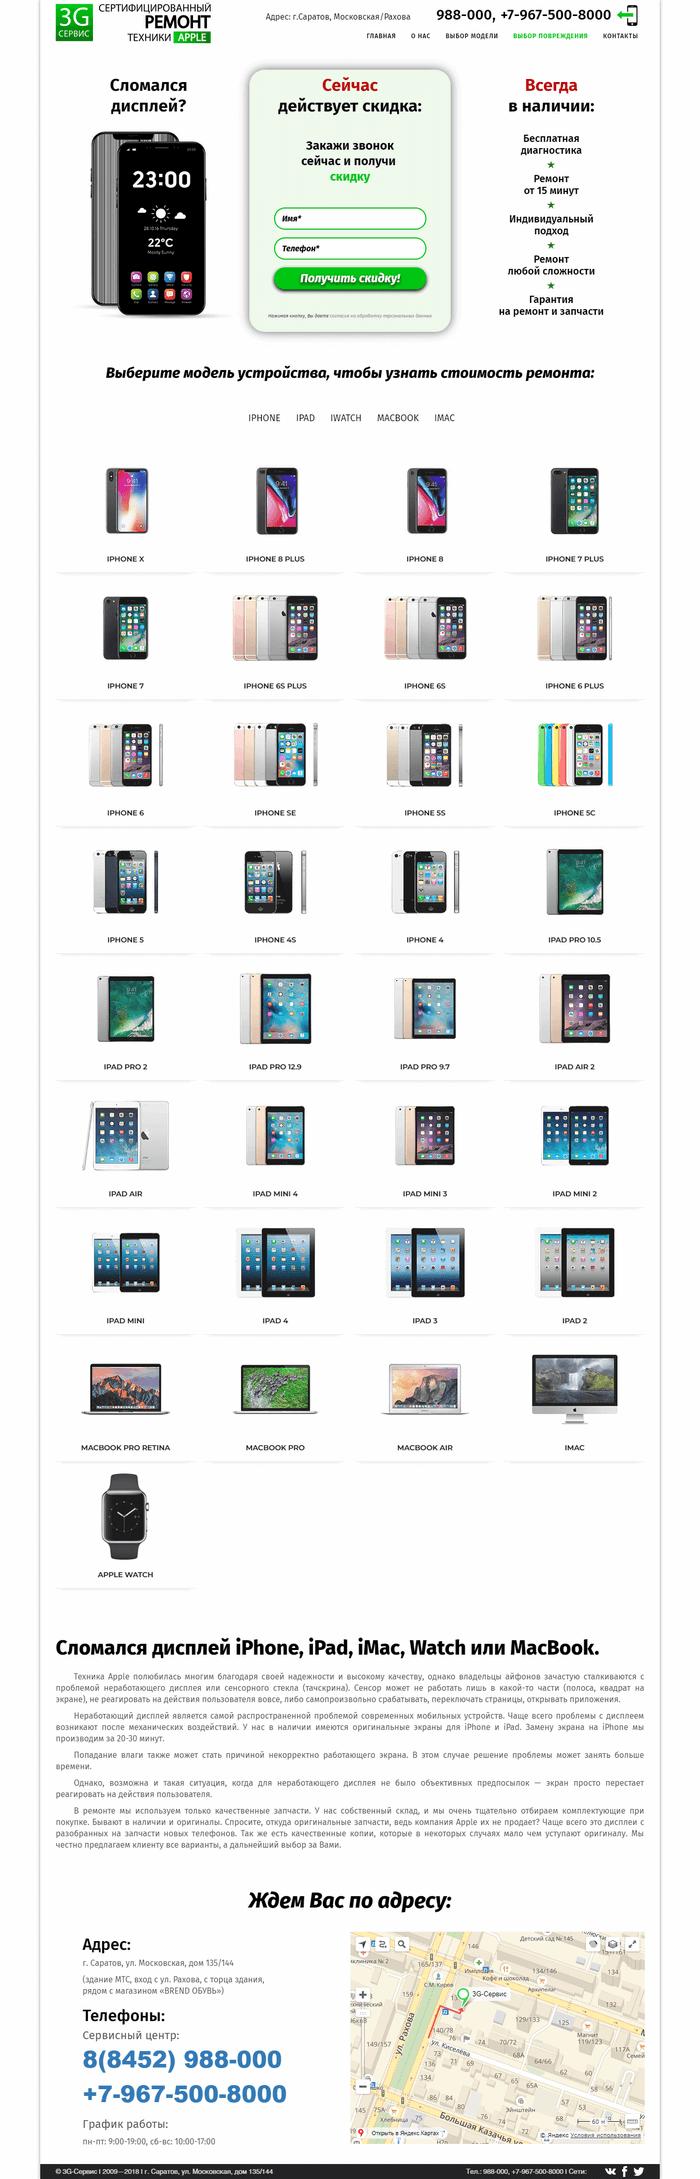 Одна из страница сайта 3G Service